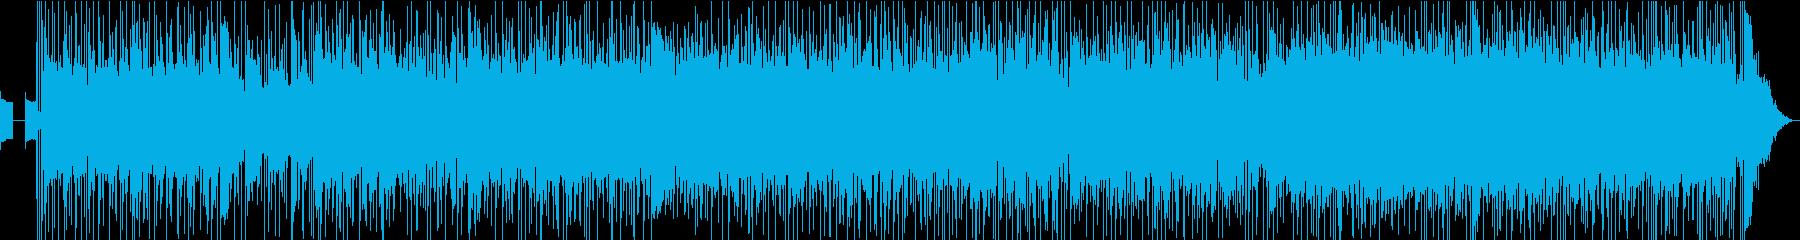 英詞UKテイスト壮大ヘヴィ・ロックの再生済みの波形